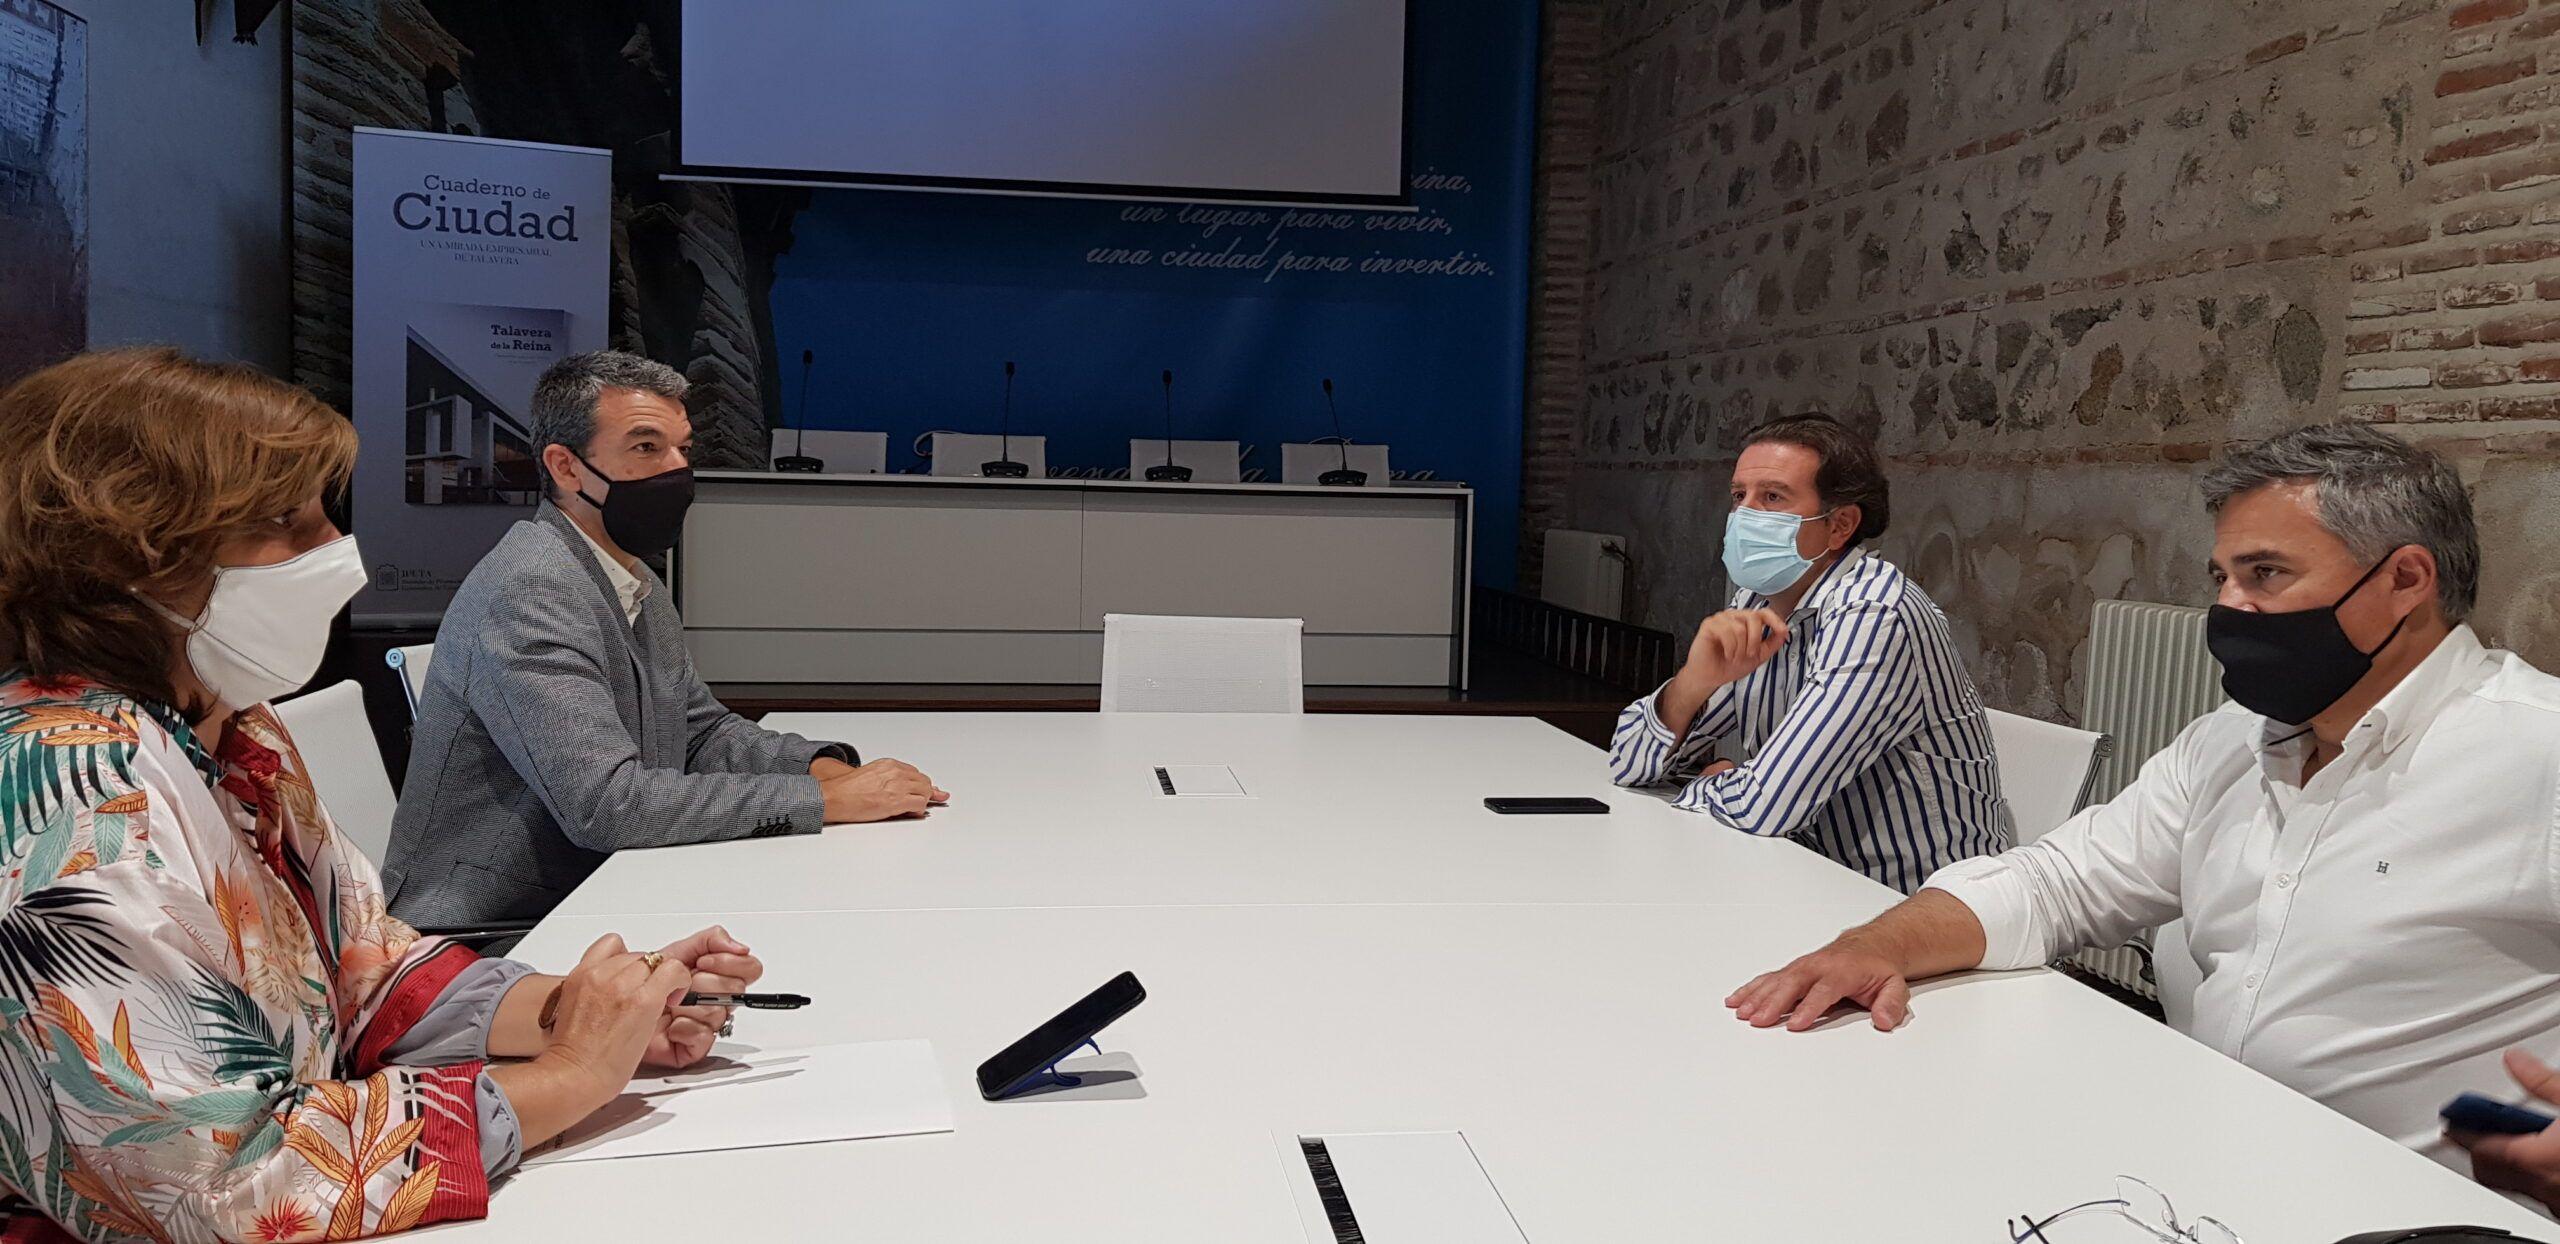 """El Ayuntamiento de Talavera y Fedeto mantienen la total colaboración para trabajar en un """"frente común"""" ante la situación sanitaria y planificar la continuidad de los proyectos de ciudad"""